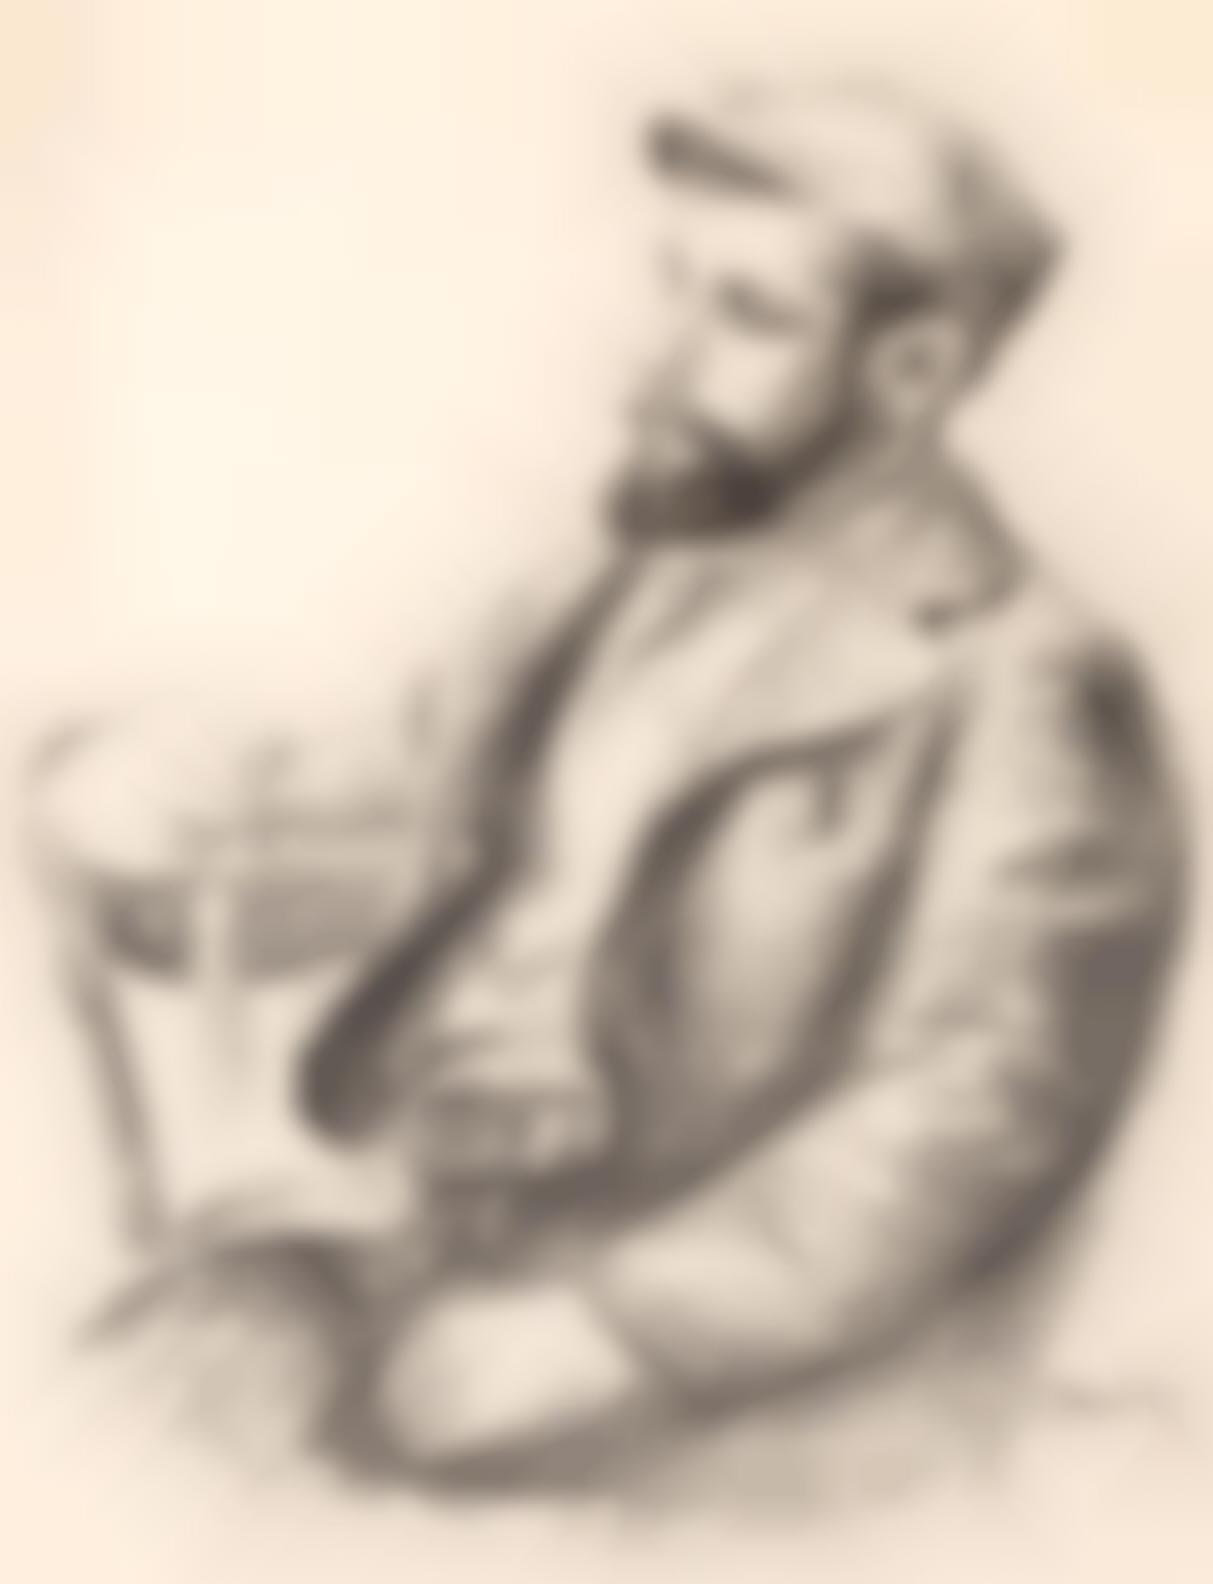 Pierre-Auguste Renoir-Louis Valtat, From Lalbum Des Douze Lithographies-1904